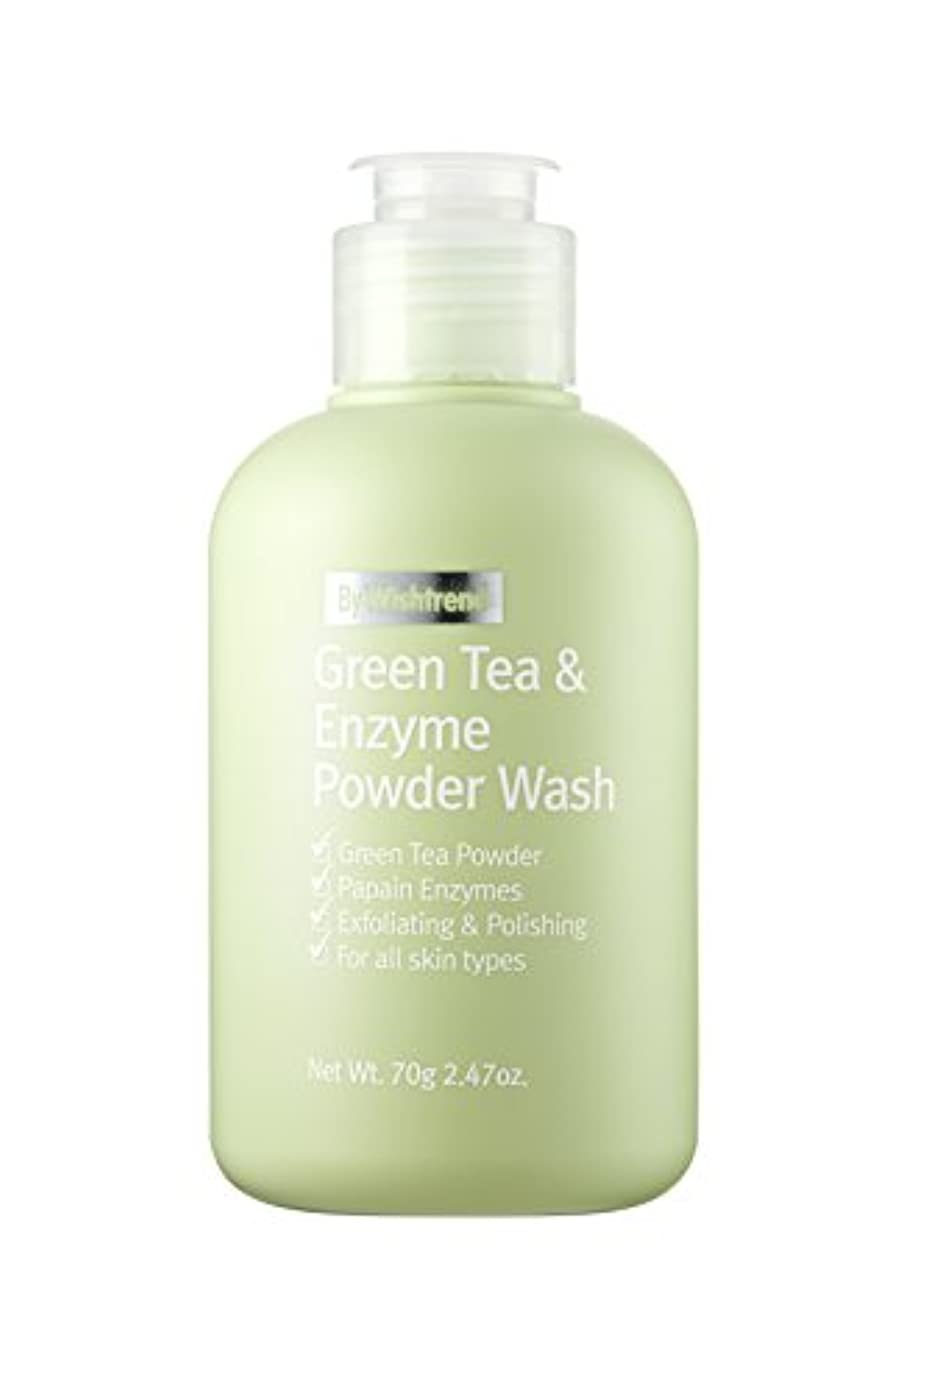 ファン財布気難しいBY WISHTREND(バイ?ウィッシュトレンド) グリーンティー&エンザイム?パウダーウォッシュ, Green Tea & enzyme Powder Wash 70g [並行輸入品]